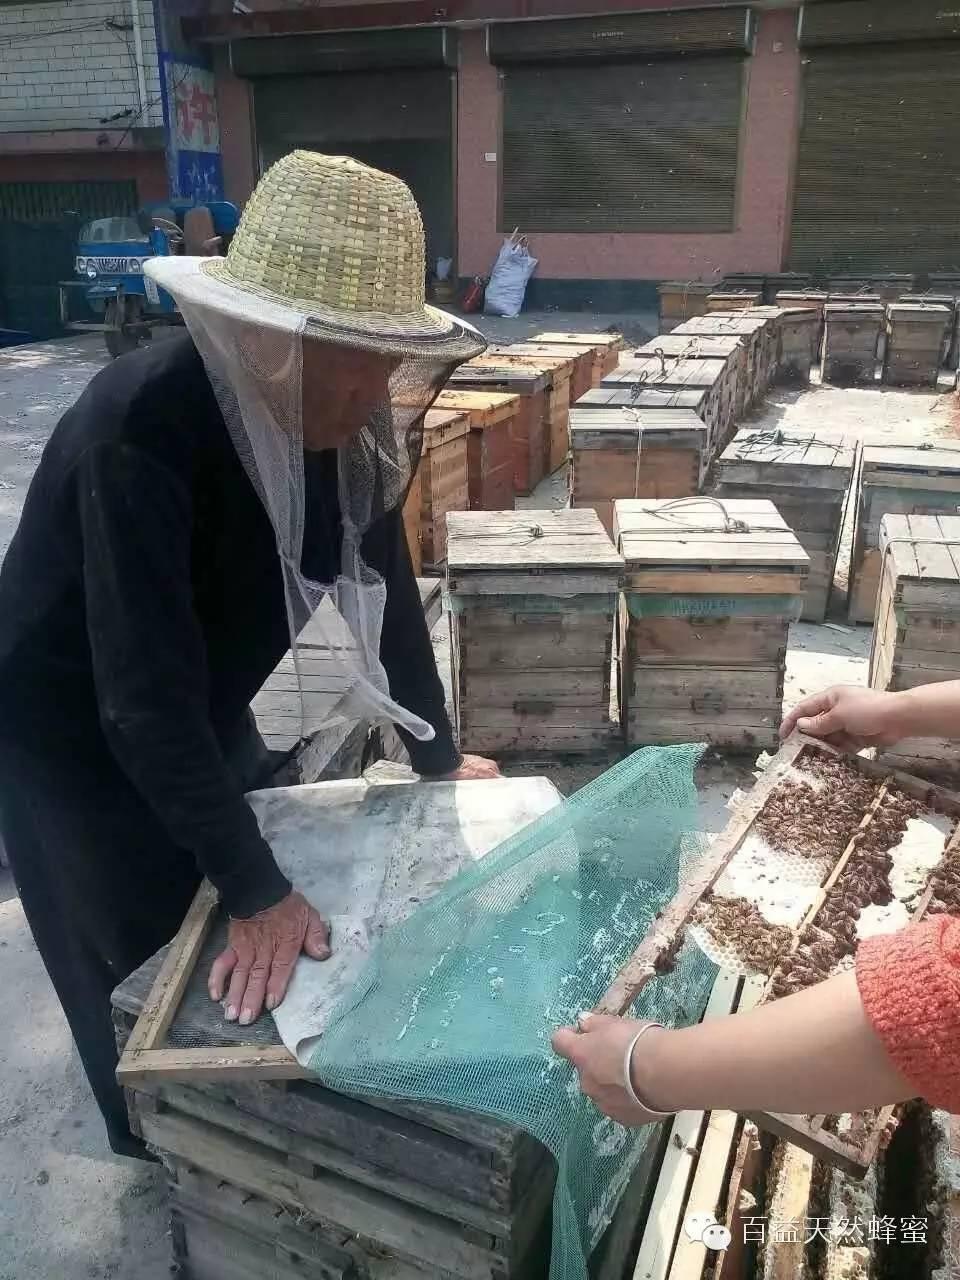 哪个品牌蜂蜜好 白色蜂蜜是什么蜂蜜 中华蜜蜂 蜂蜜供应商 蜂蜜水的作用与功效